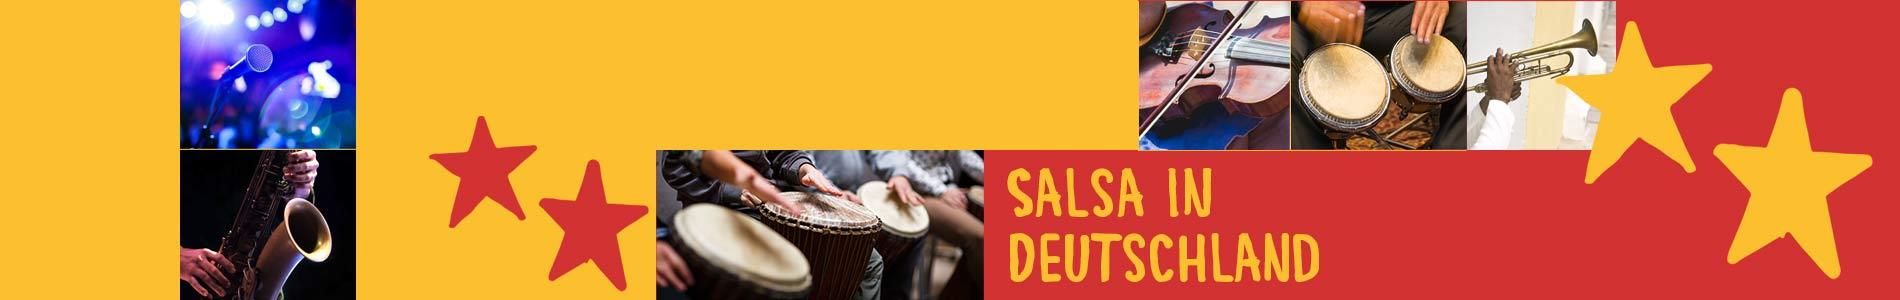 Salsa in Brackel – Salsa lernen und tanzen, Tanzkurse, Partys, Veranstaltungen